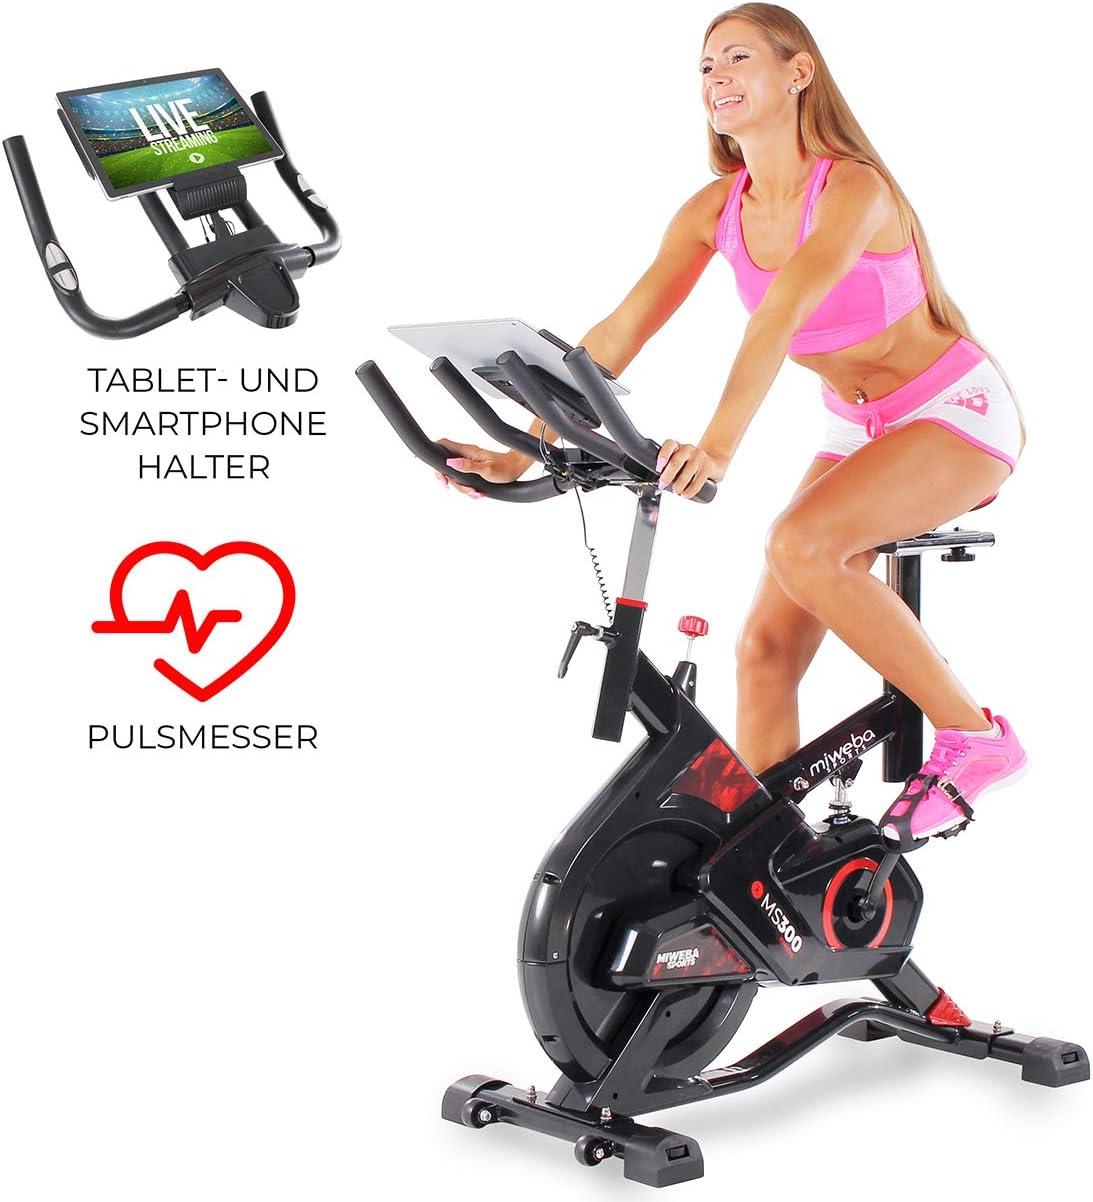 Miweba Sports MS300 - Bicicleta estática Profesional, 13 kg, Masa oscilante, Amortiguador, Soporte para Tablet, Negro: Amazon.es: Deportes y aire libre